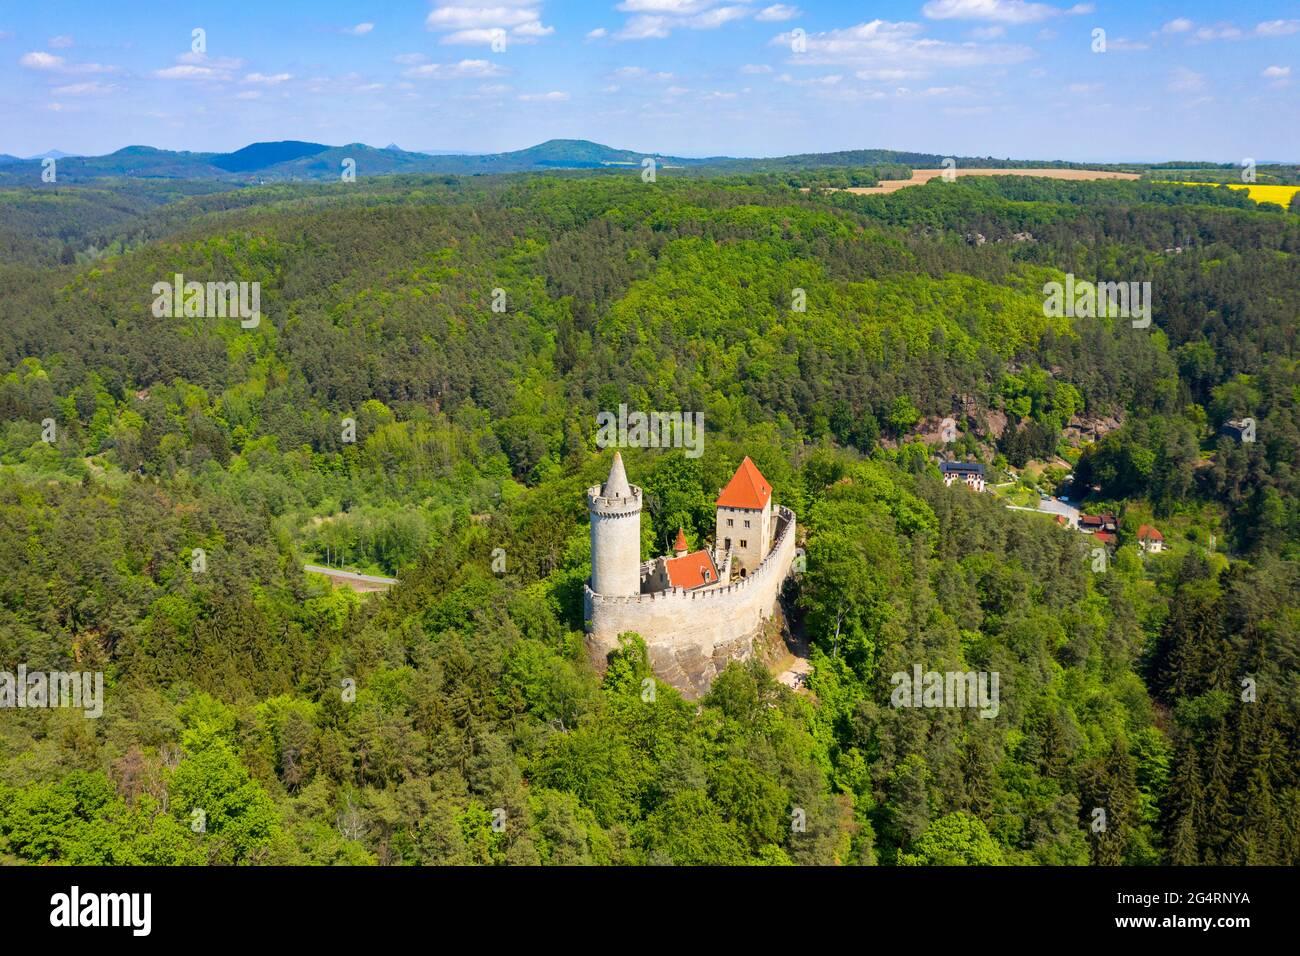 Vue aérienne du château médiéval de Kokorin à proximité de Prague en Tchéquie. Europe centrale. Château gothique médiéval Kokorin, Kokorinsko zone protégée du paysage i Banque D'Images